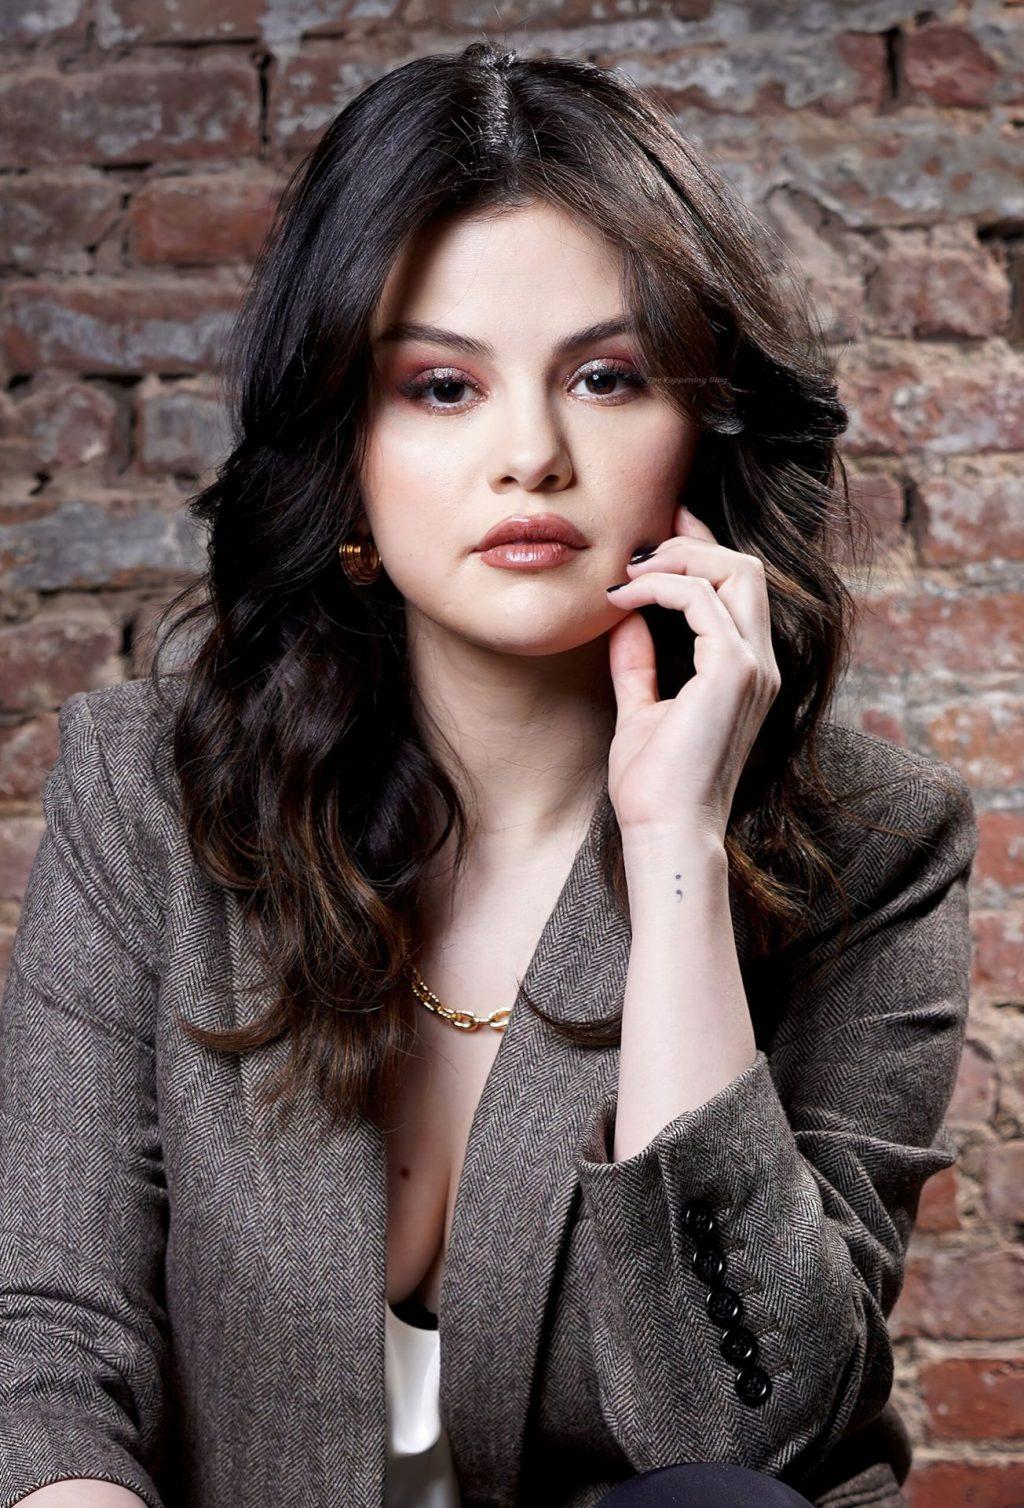 Selena Gomez Sexy (8 Hot Photos)